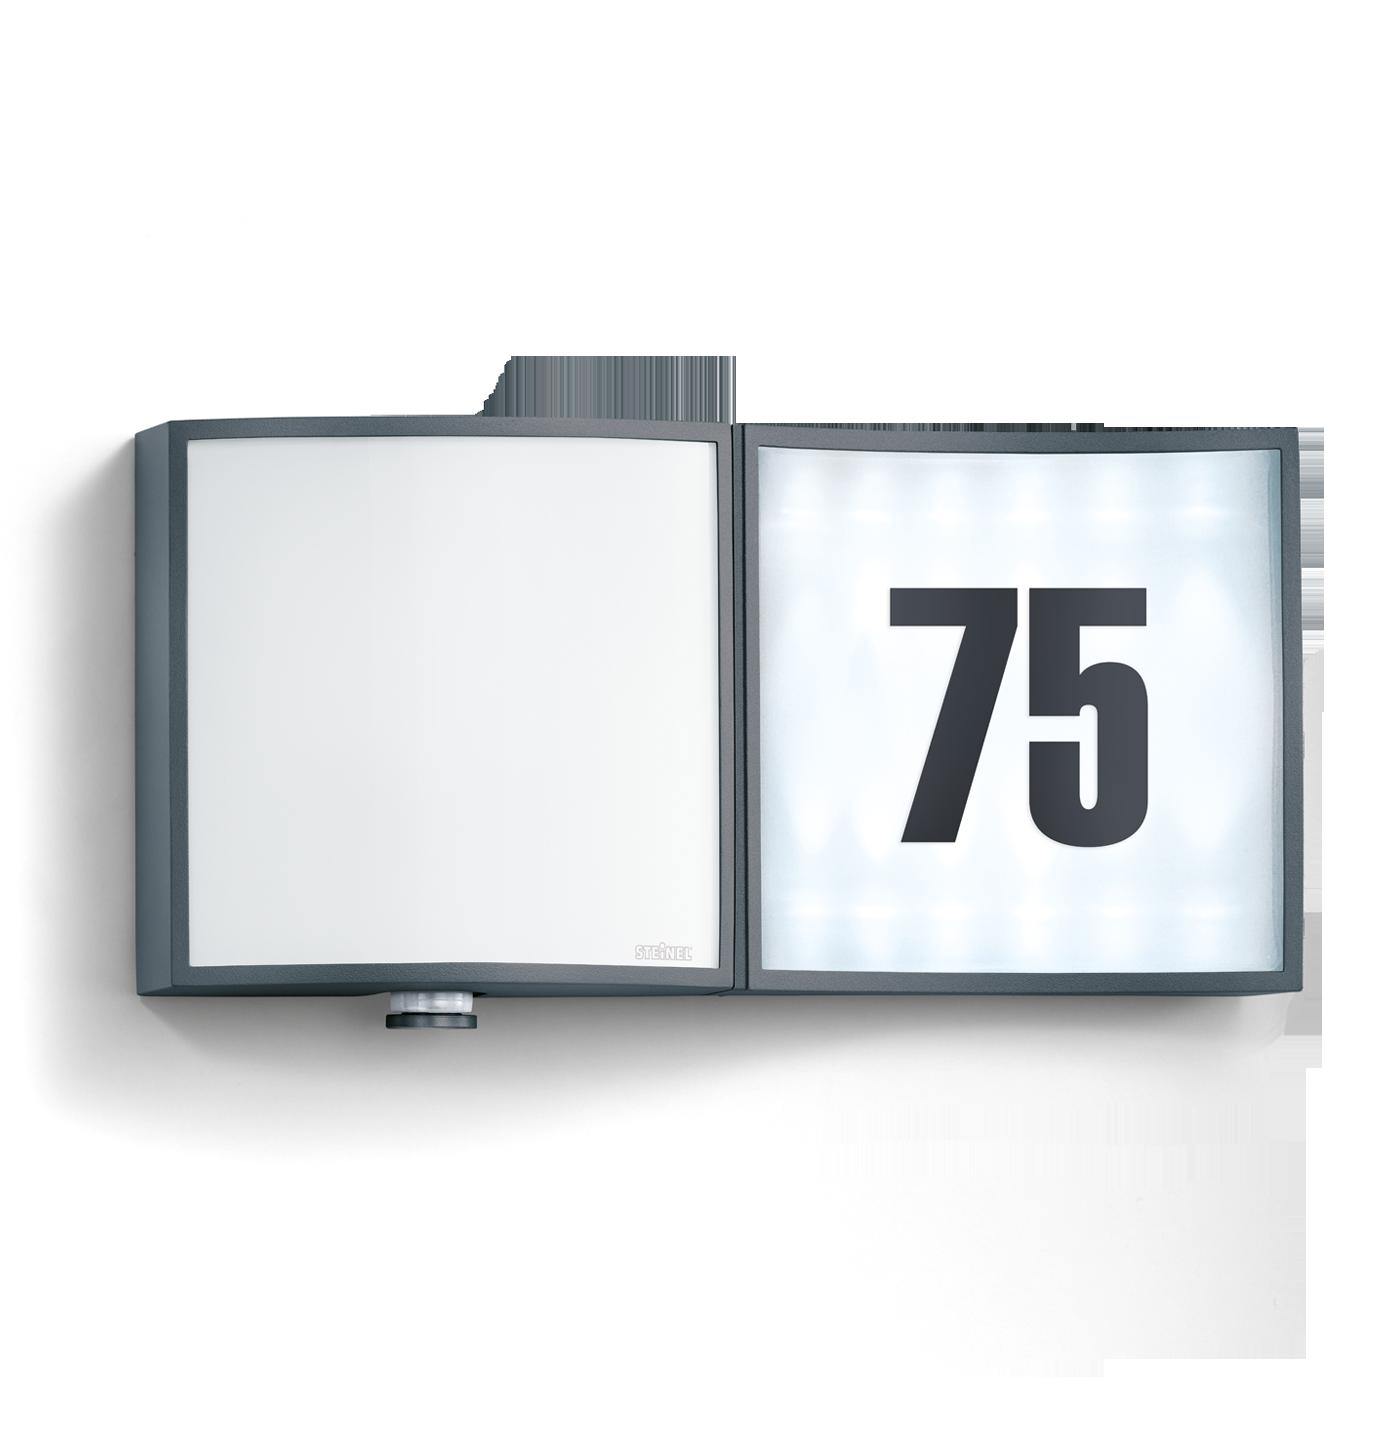 steinel sensor au enleuchte l 675 led alu anthrazit 581817 fh. Black Bedroom Furniture Sets. Home Design Ideas